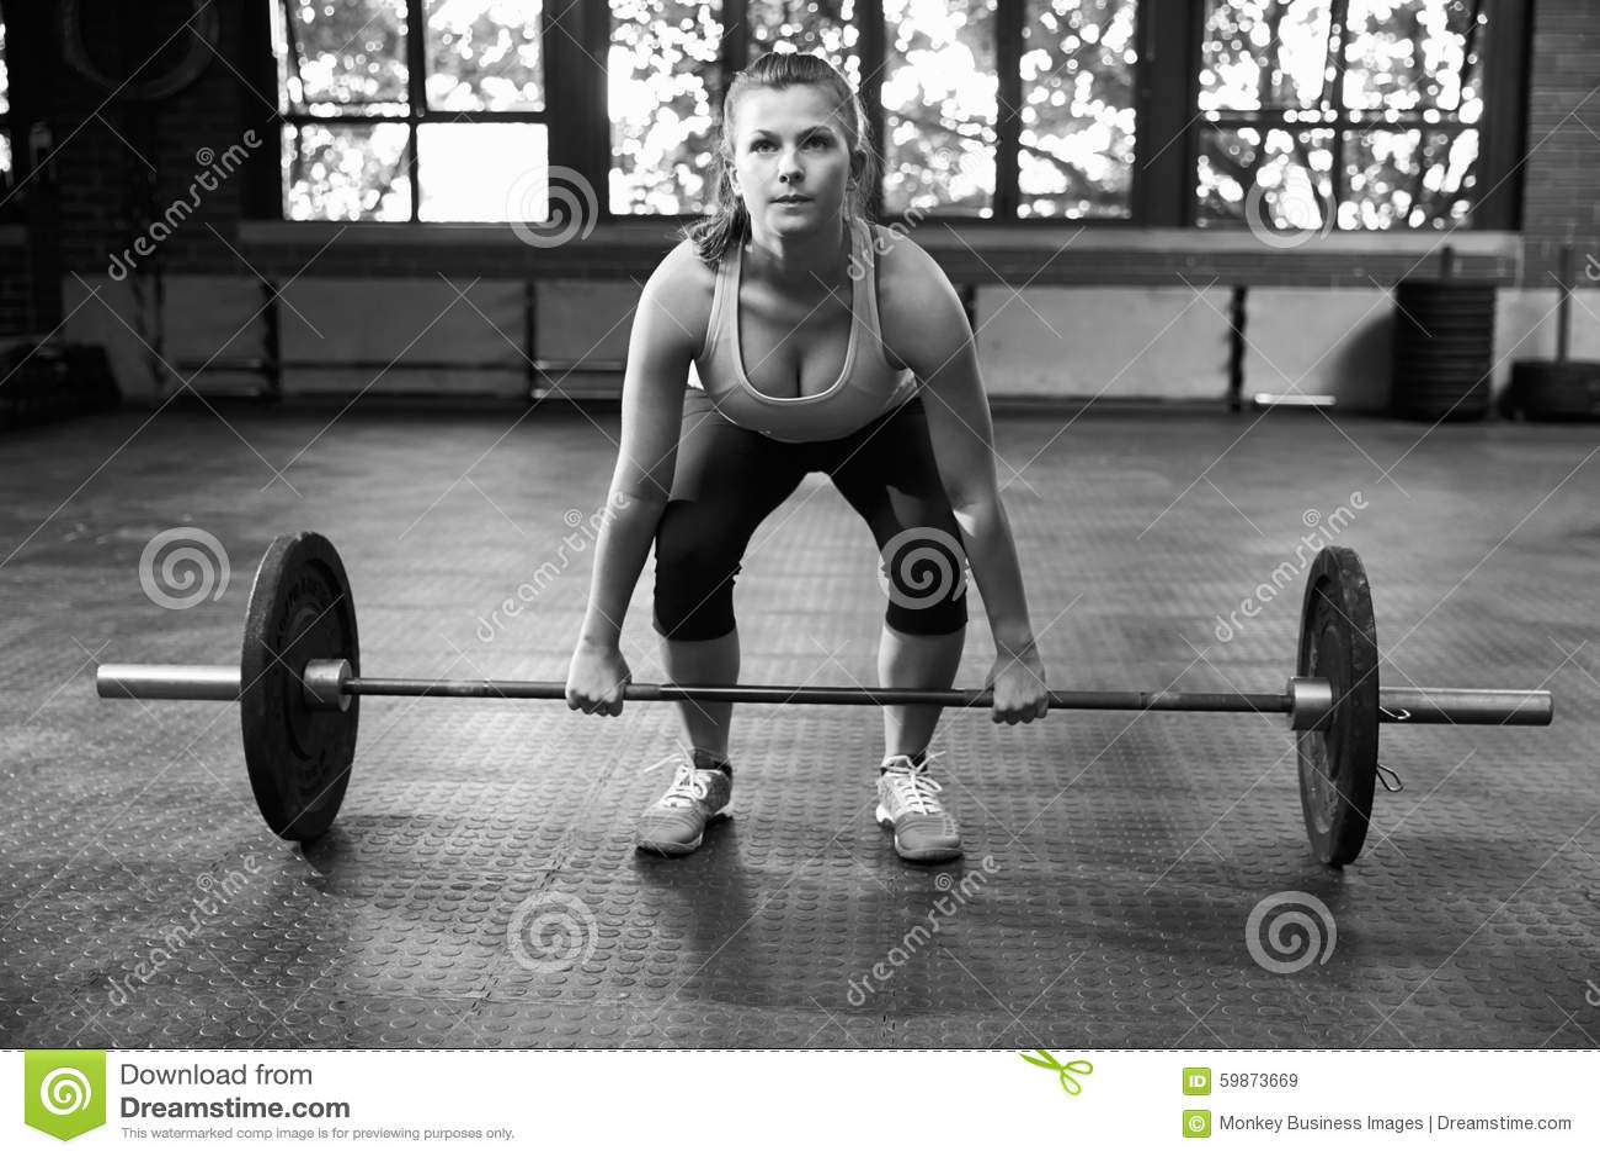 Tir noir et blanc de femme préparant pour soulever des poids